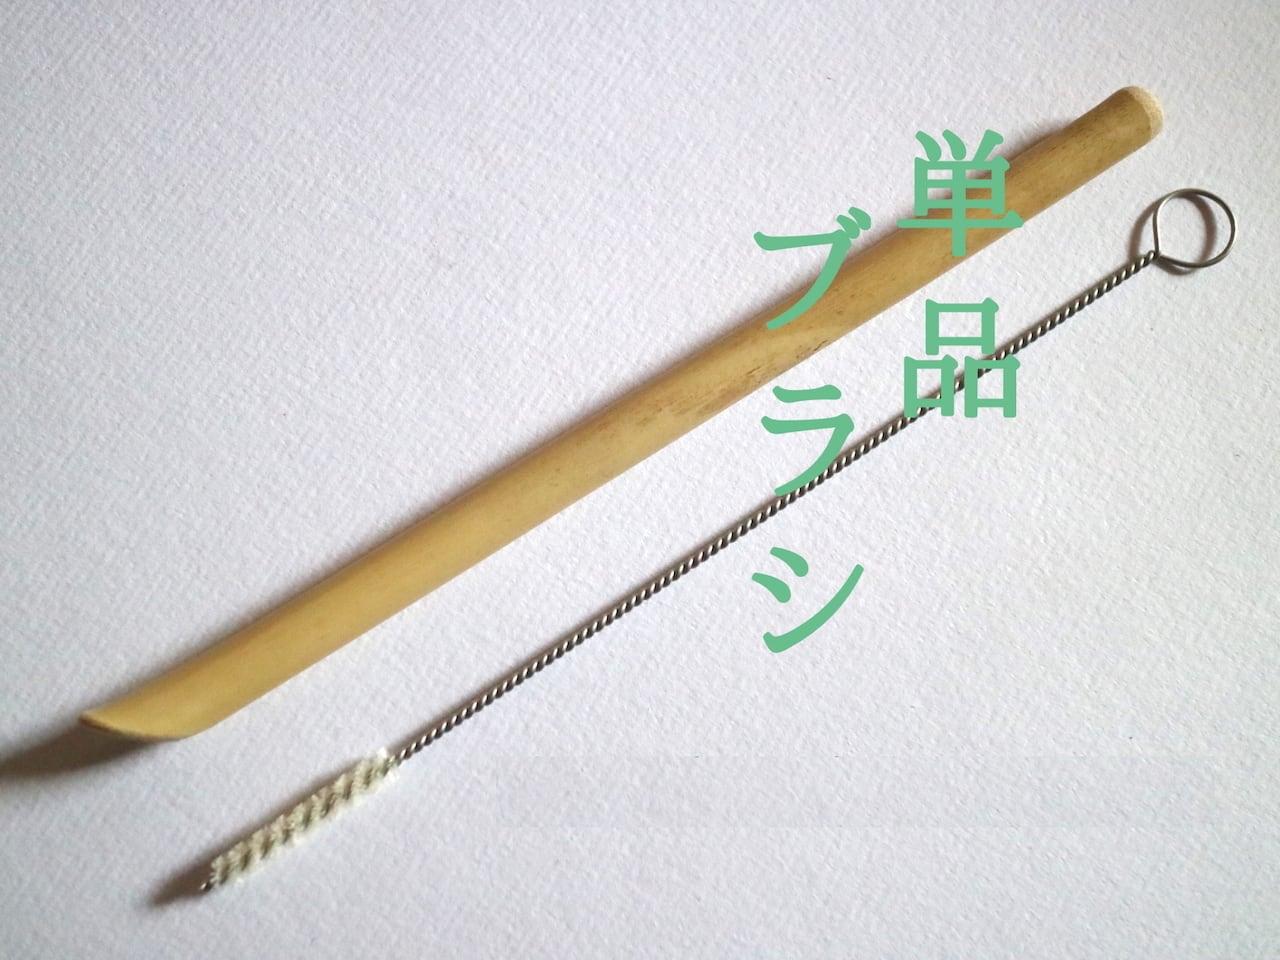 子供竹ストロー15cm_レ先(ブラシセット)